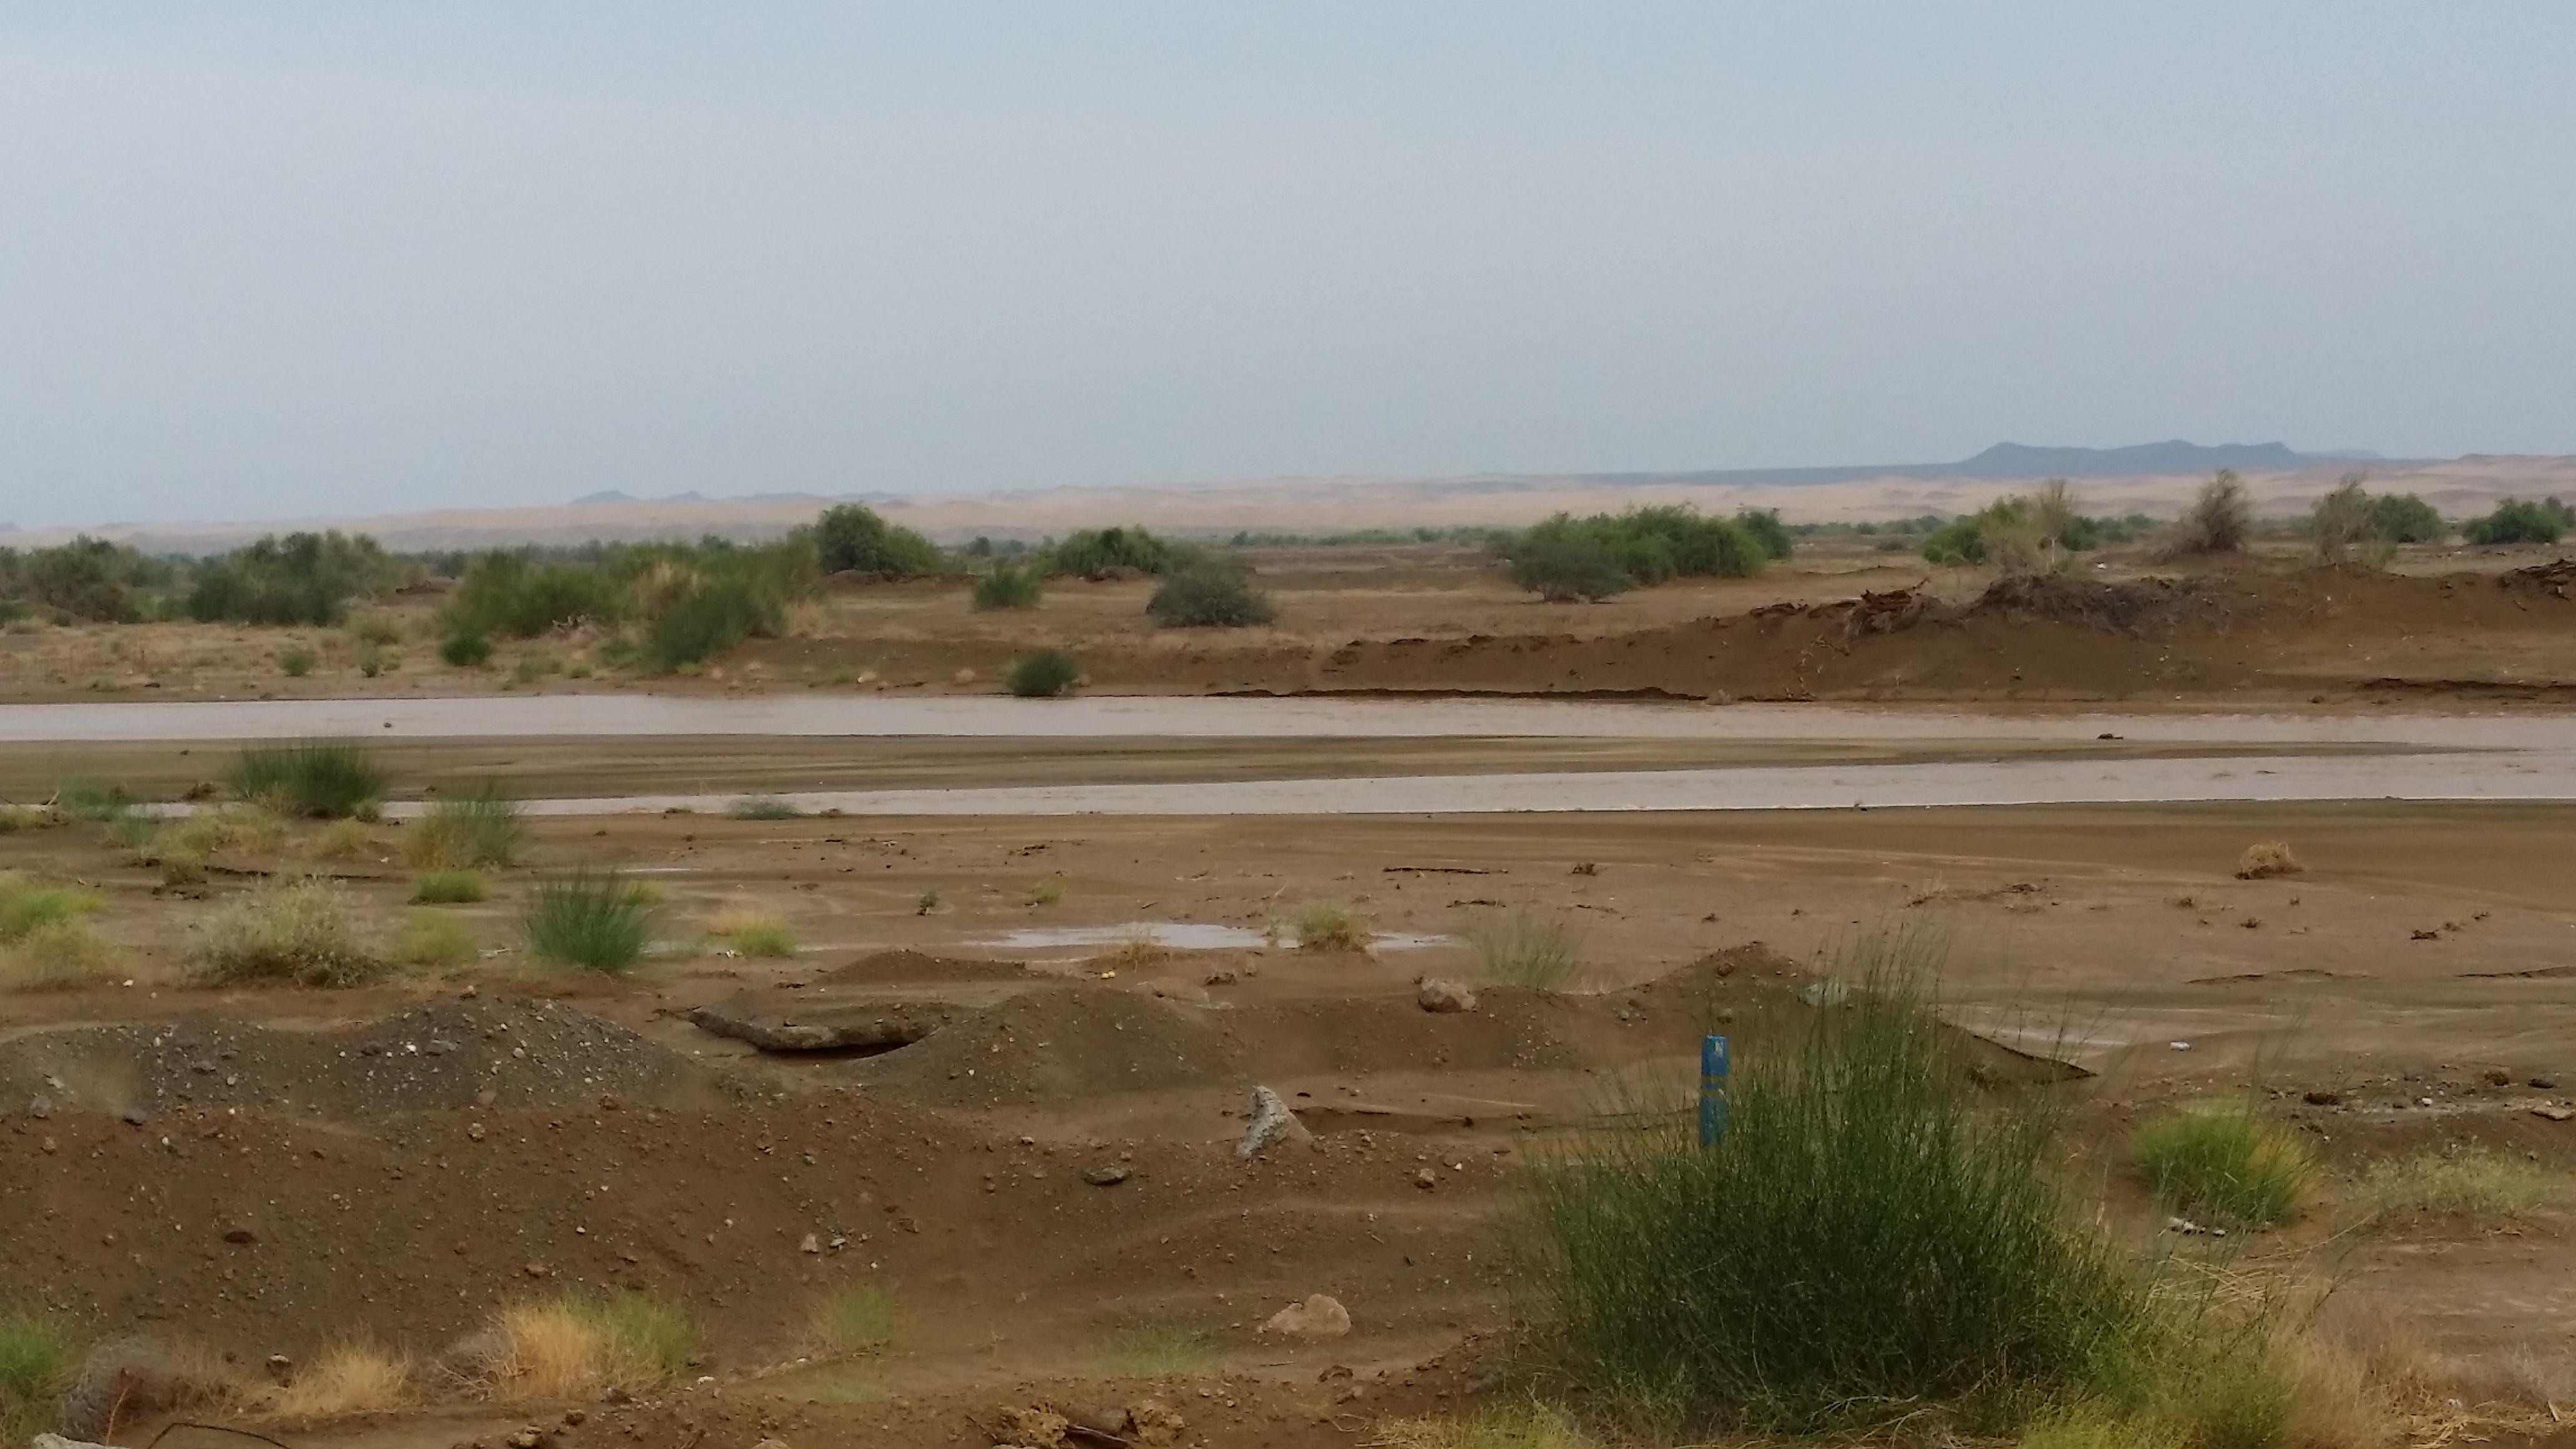 امطار غزيرة تلطف أجواء ساحل عسير (9)